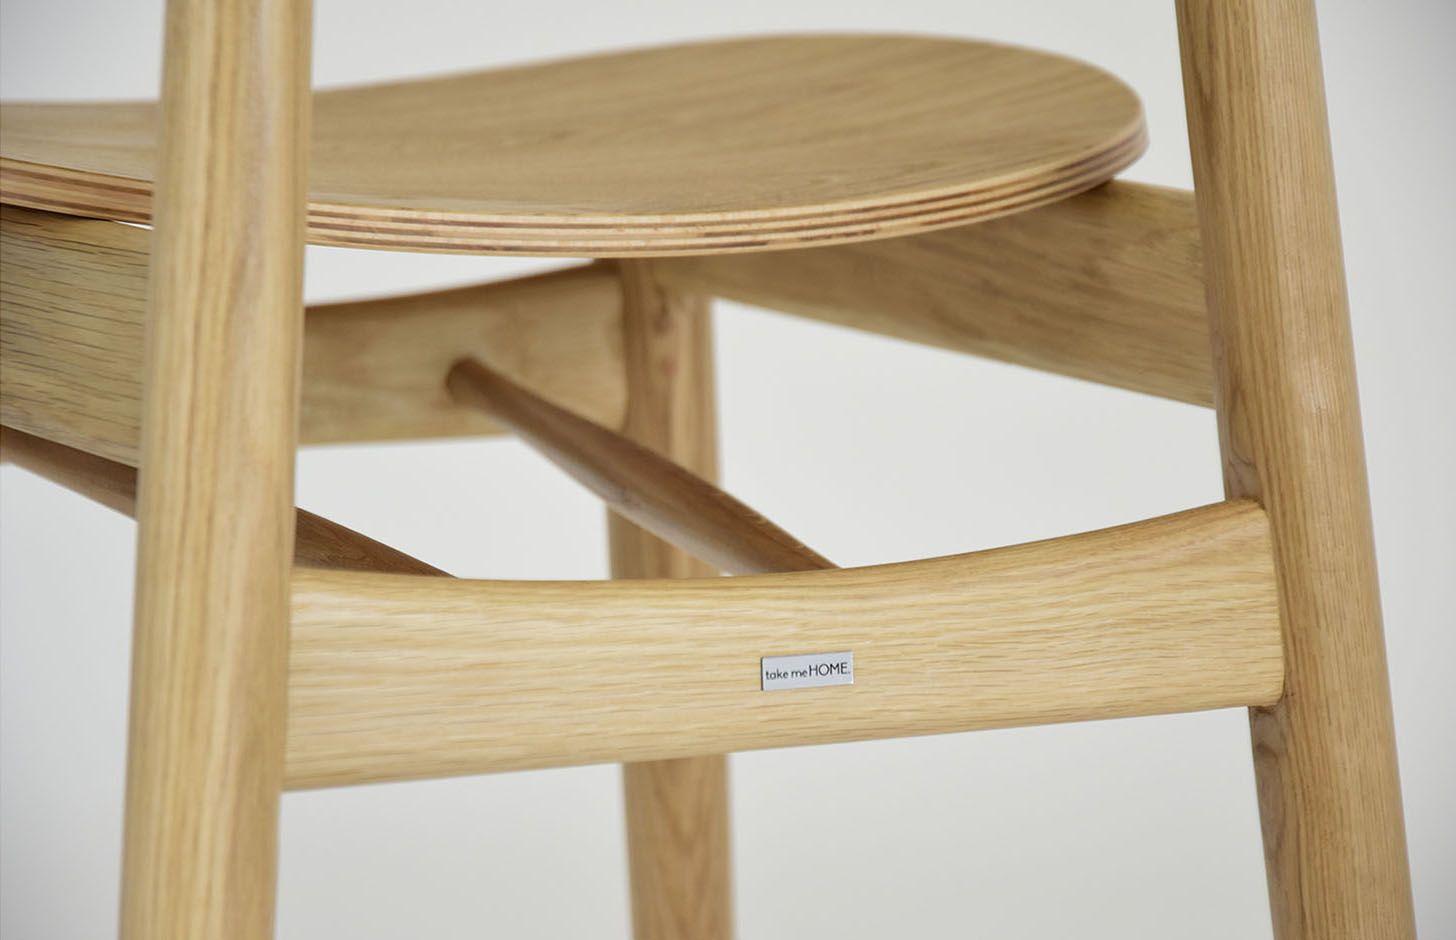 nowoczesne krzesło - take me HOME